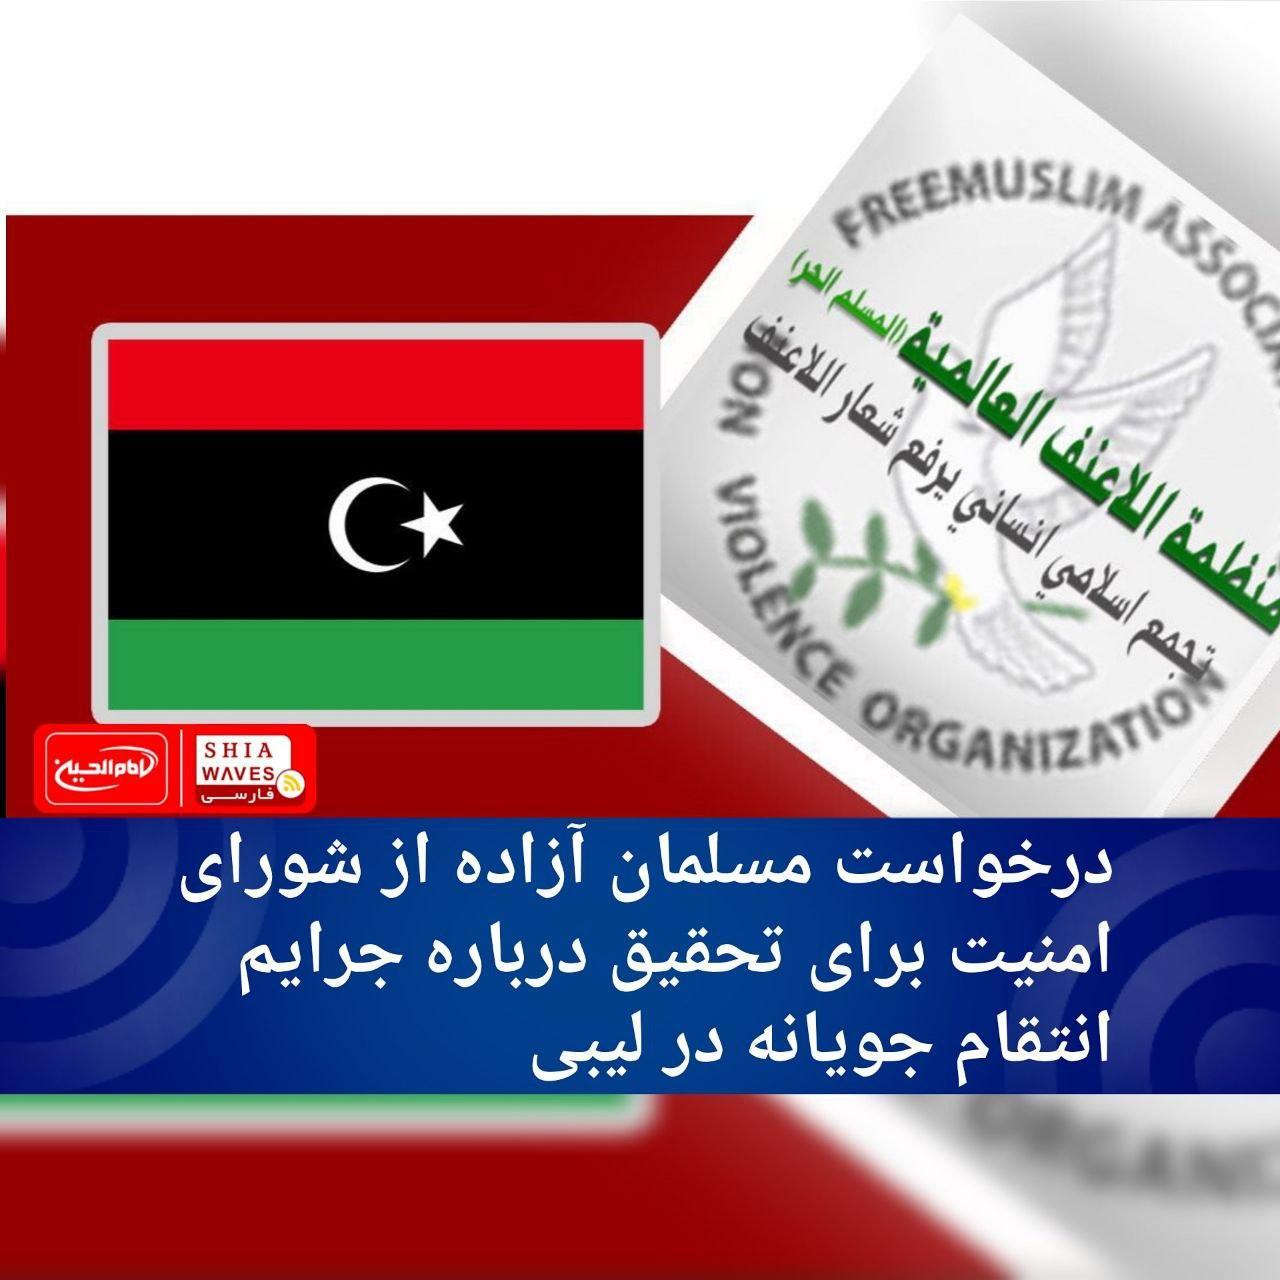 تصویر درخواست مسلمان آزاده از شورای امنیت برای تحقیق درباره جرایم انتقام جویانه در لیبی